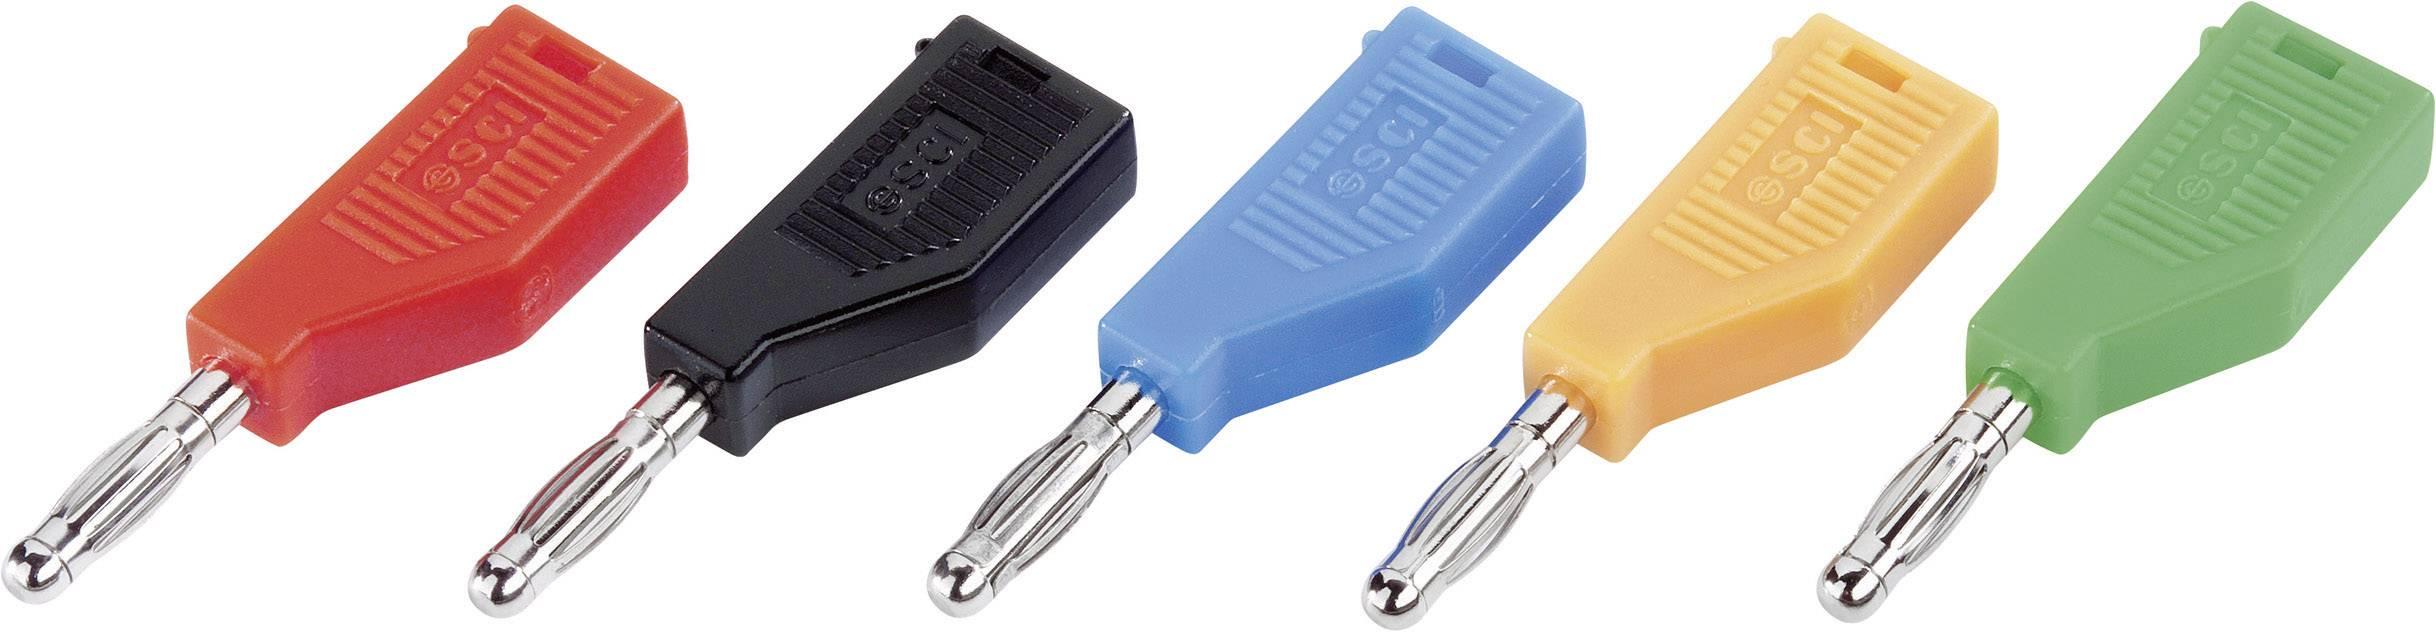 Banánkový konektor SCI R8-B19 BL Ø pin: 4 mm, zástrčka, rovná, modrá, 1 ks